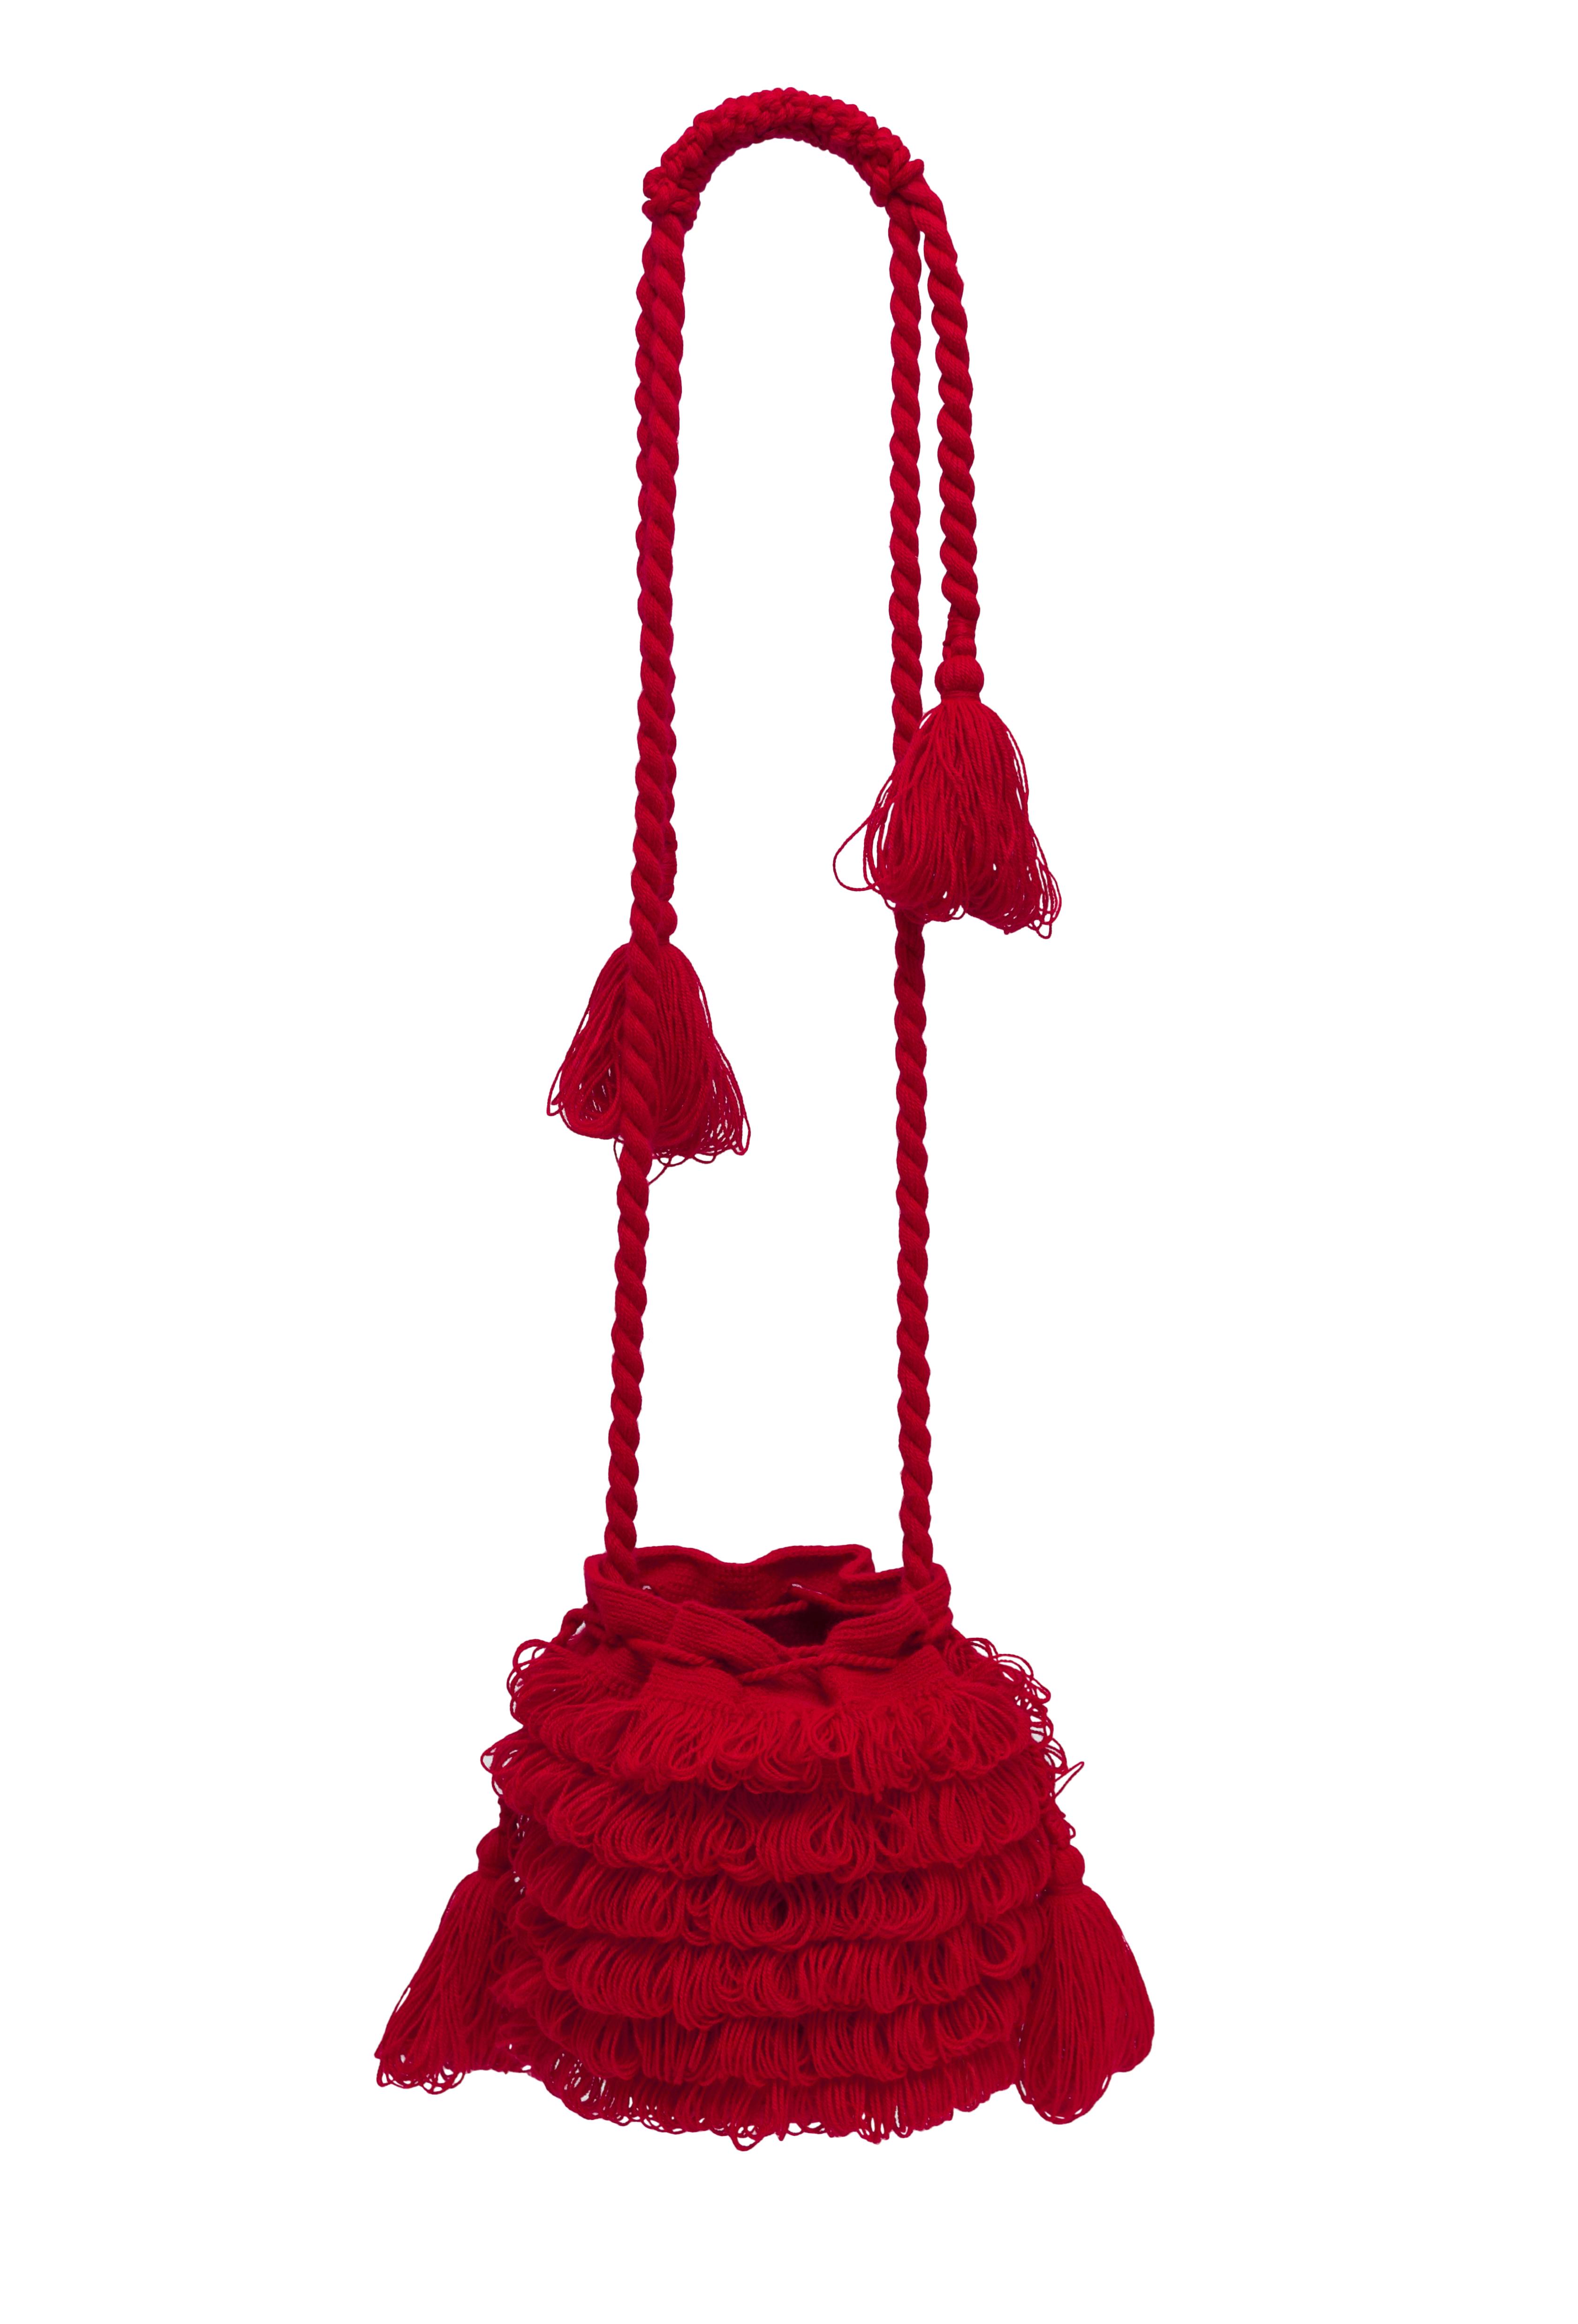 Mochila Bigotes rojo